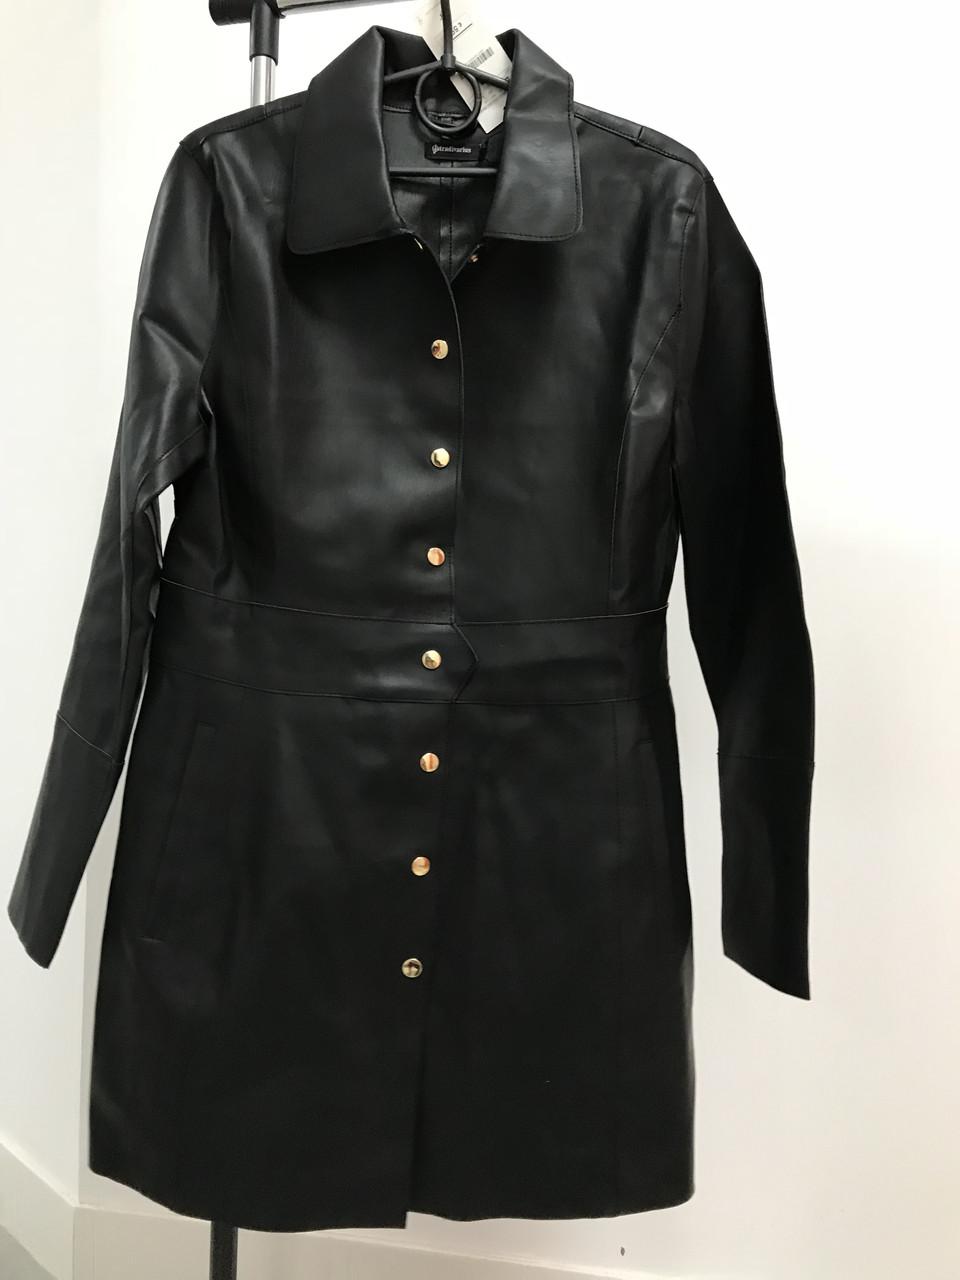 Женская одежда Stradivarius сток опт - Стоковий магазин